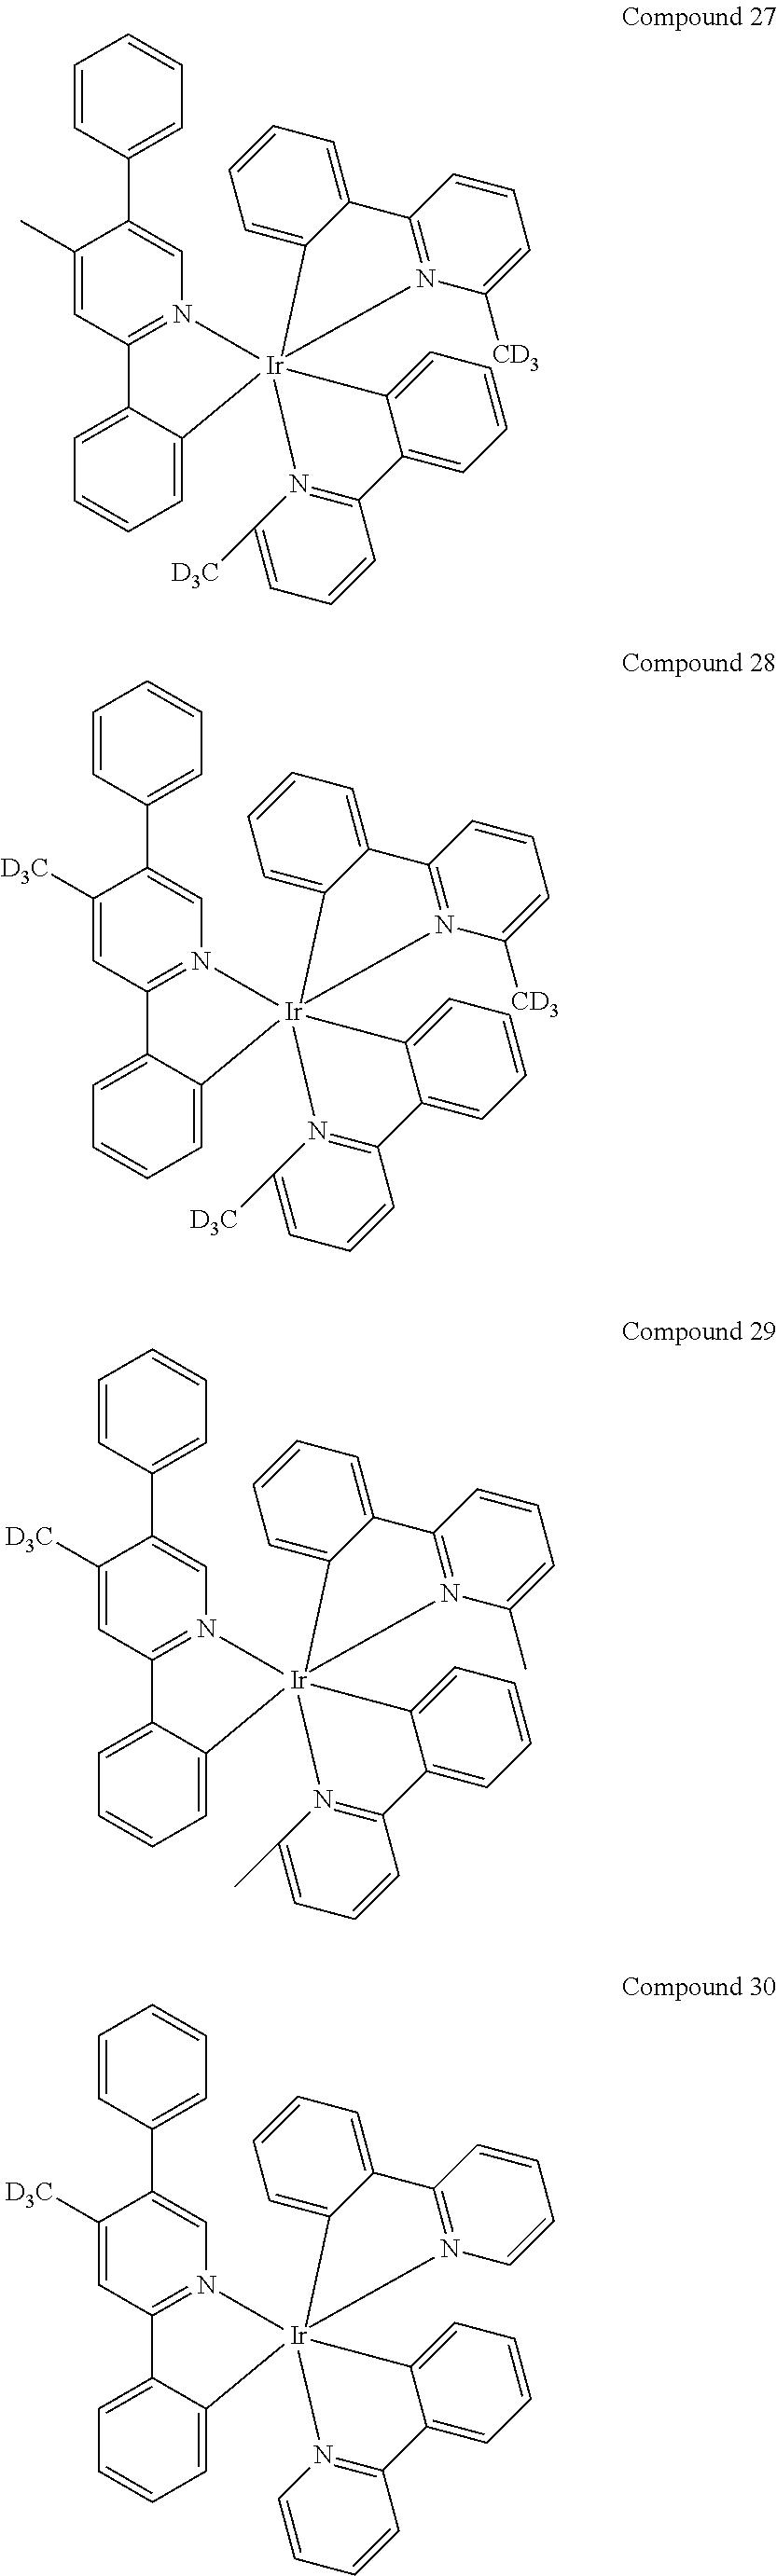 Figure US20100270916A1-20101028-C00218